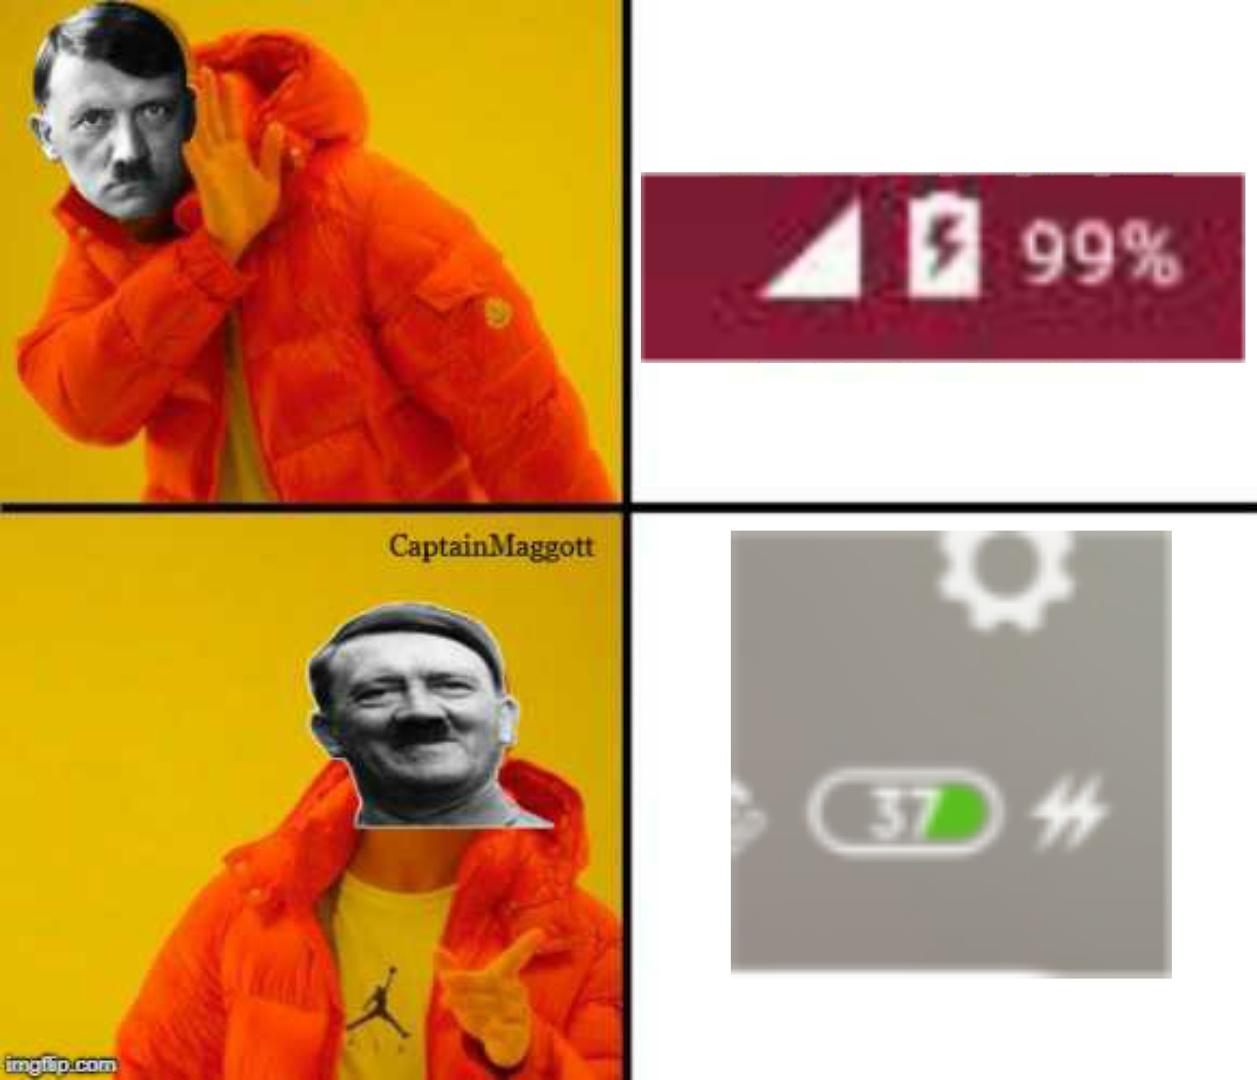 Meme maison